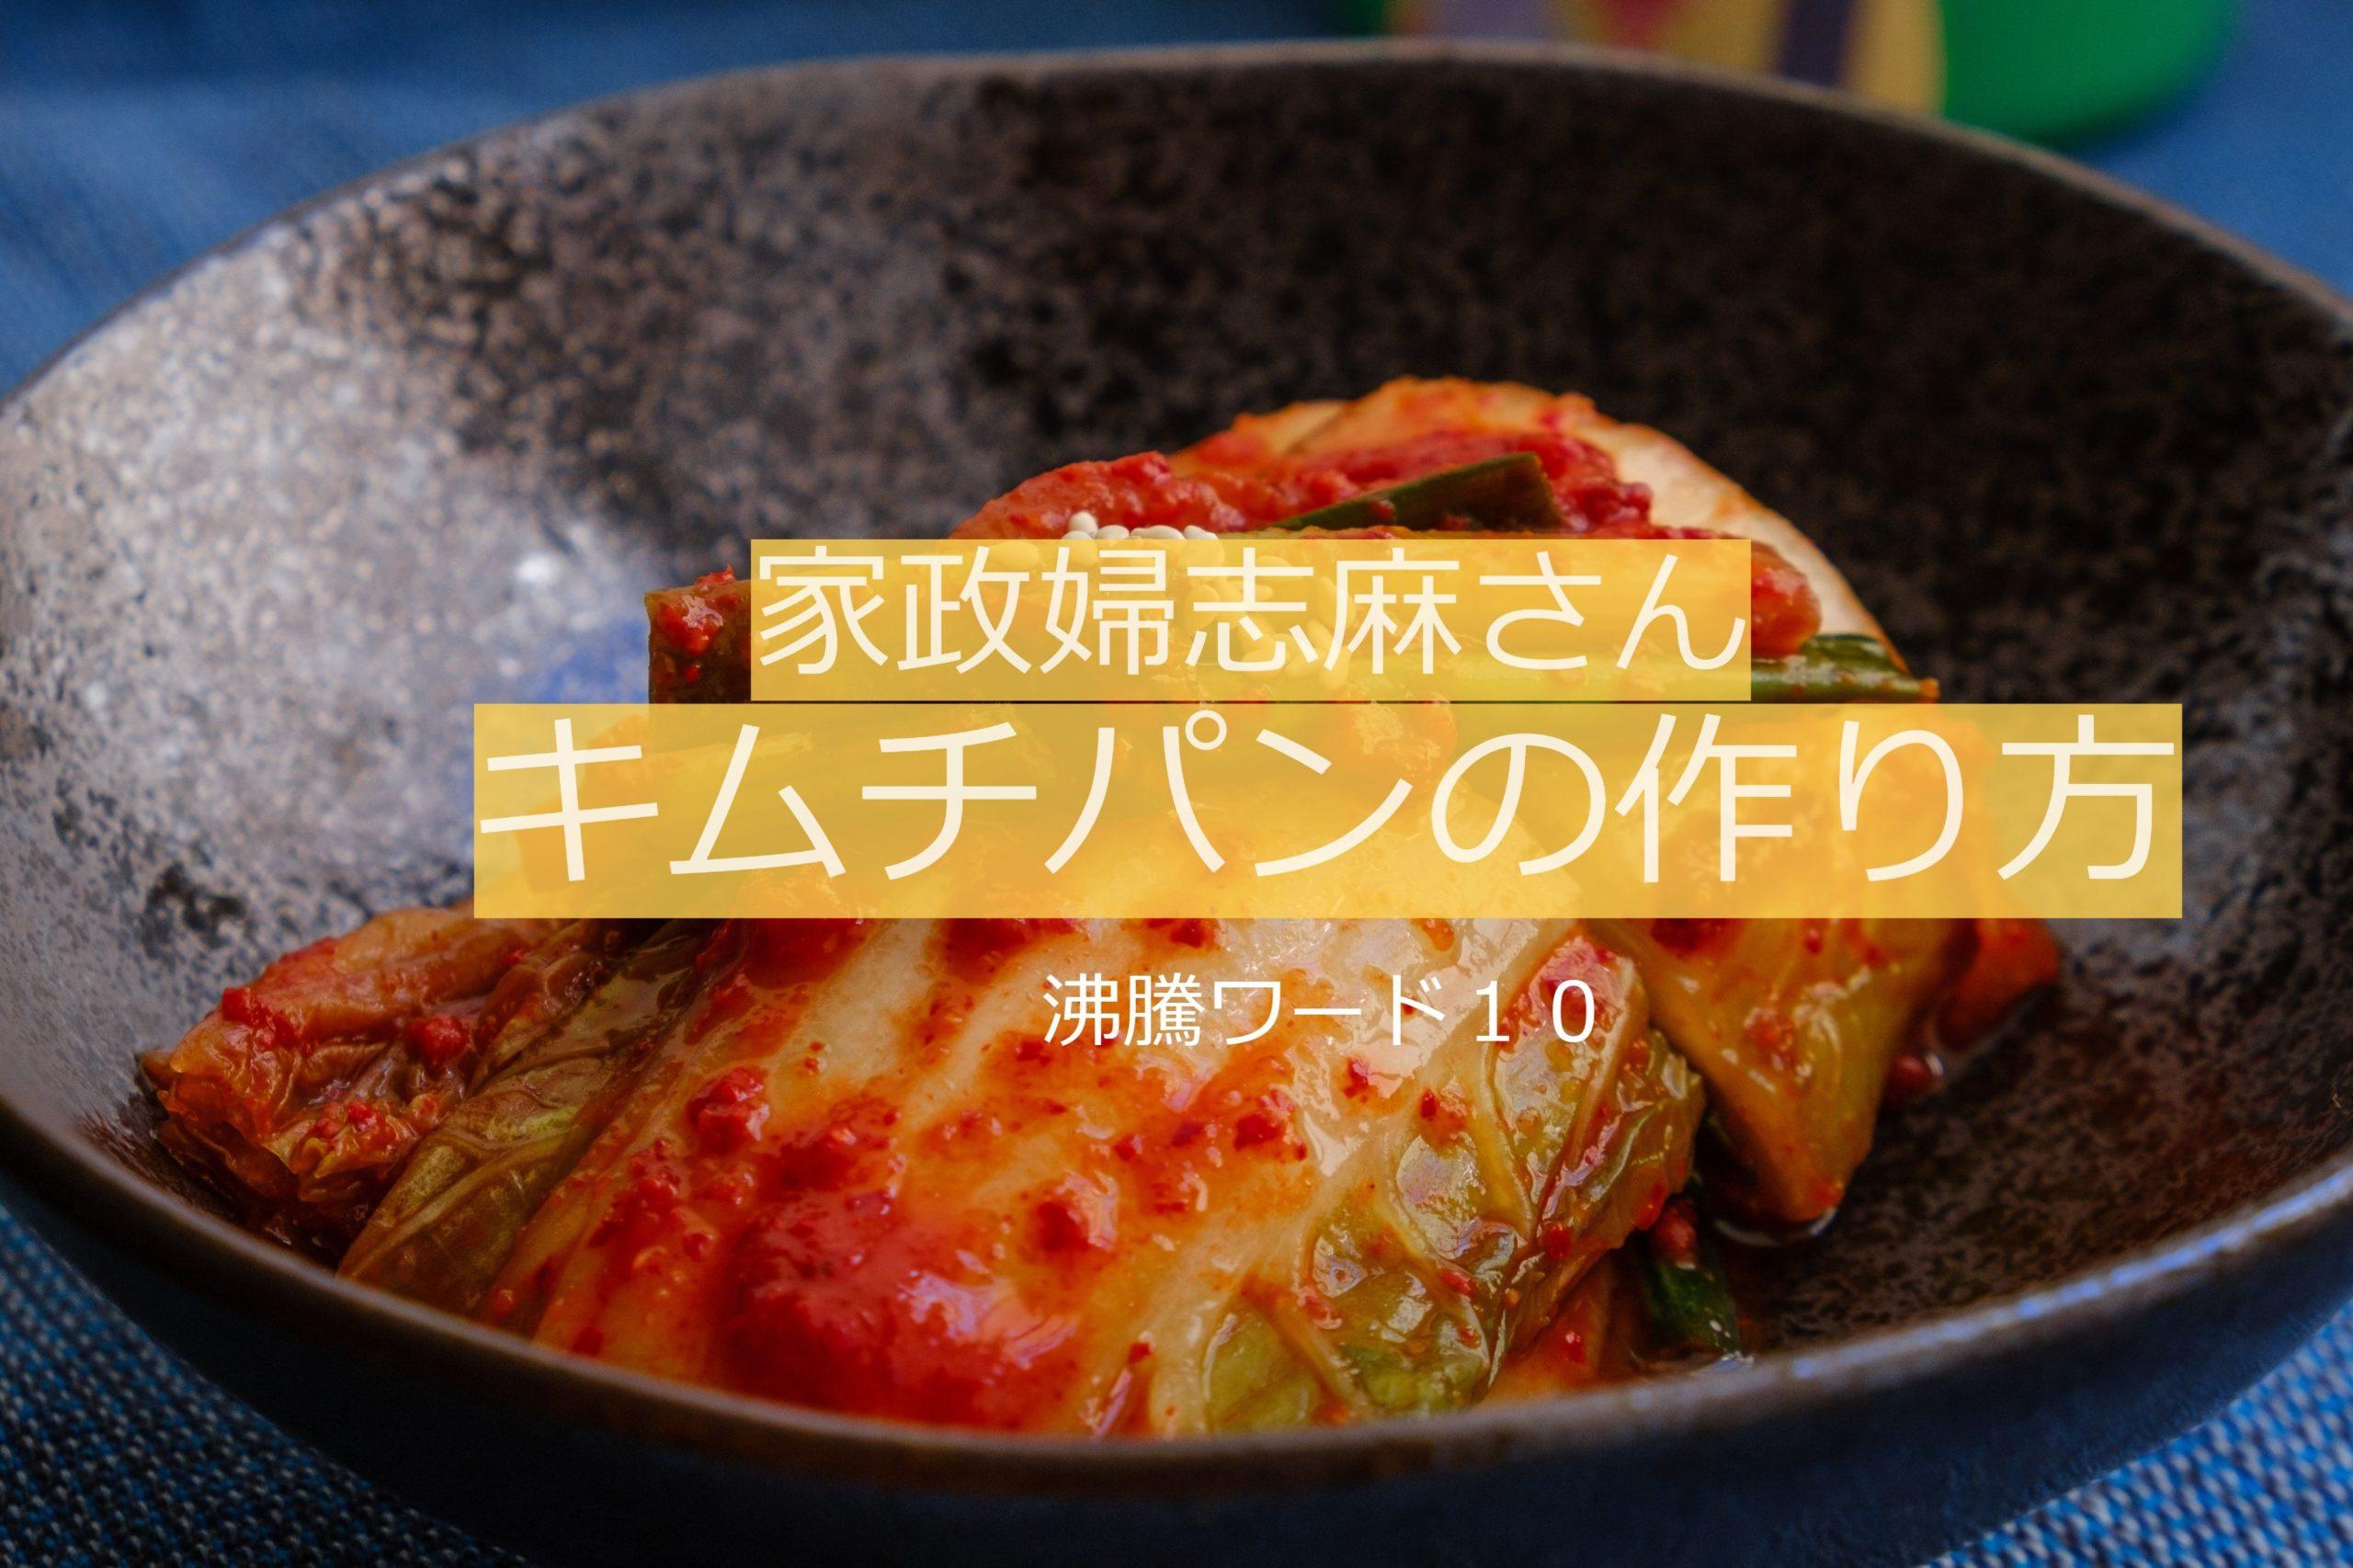 沸騰ワード10朝日奈央リクエスト食材【キムチパン】